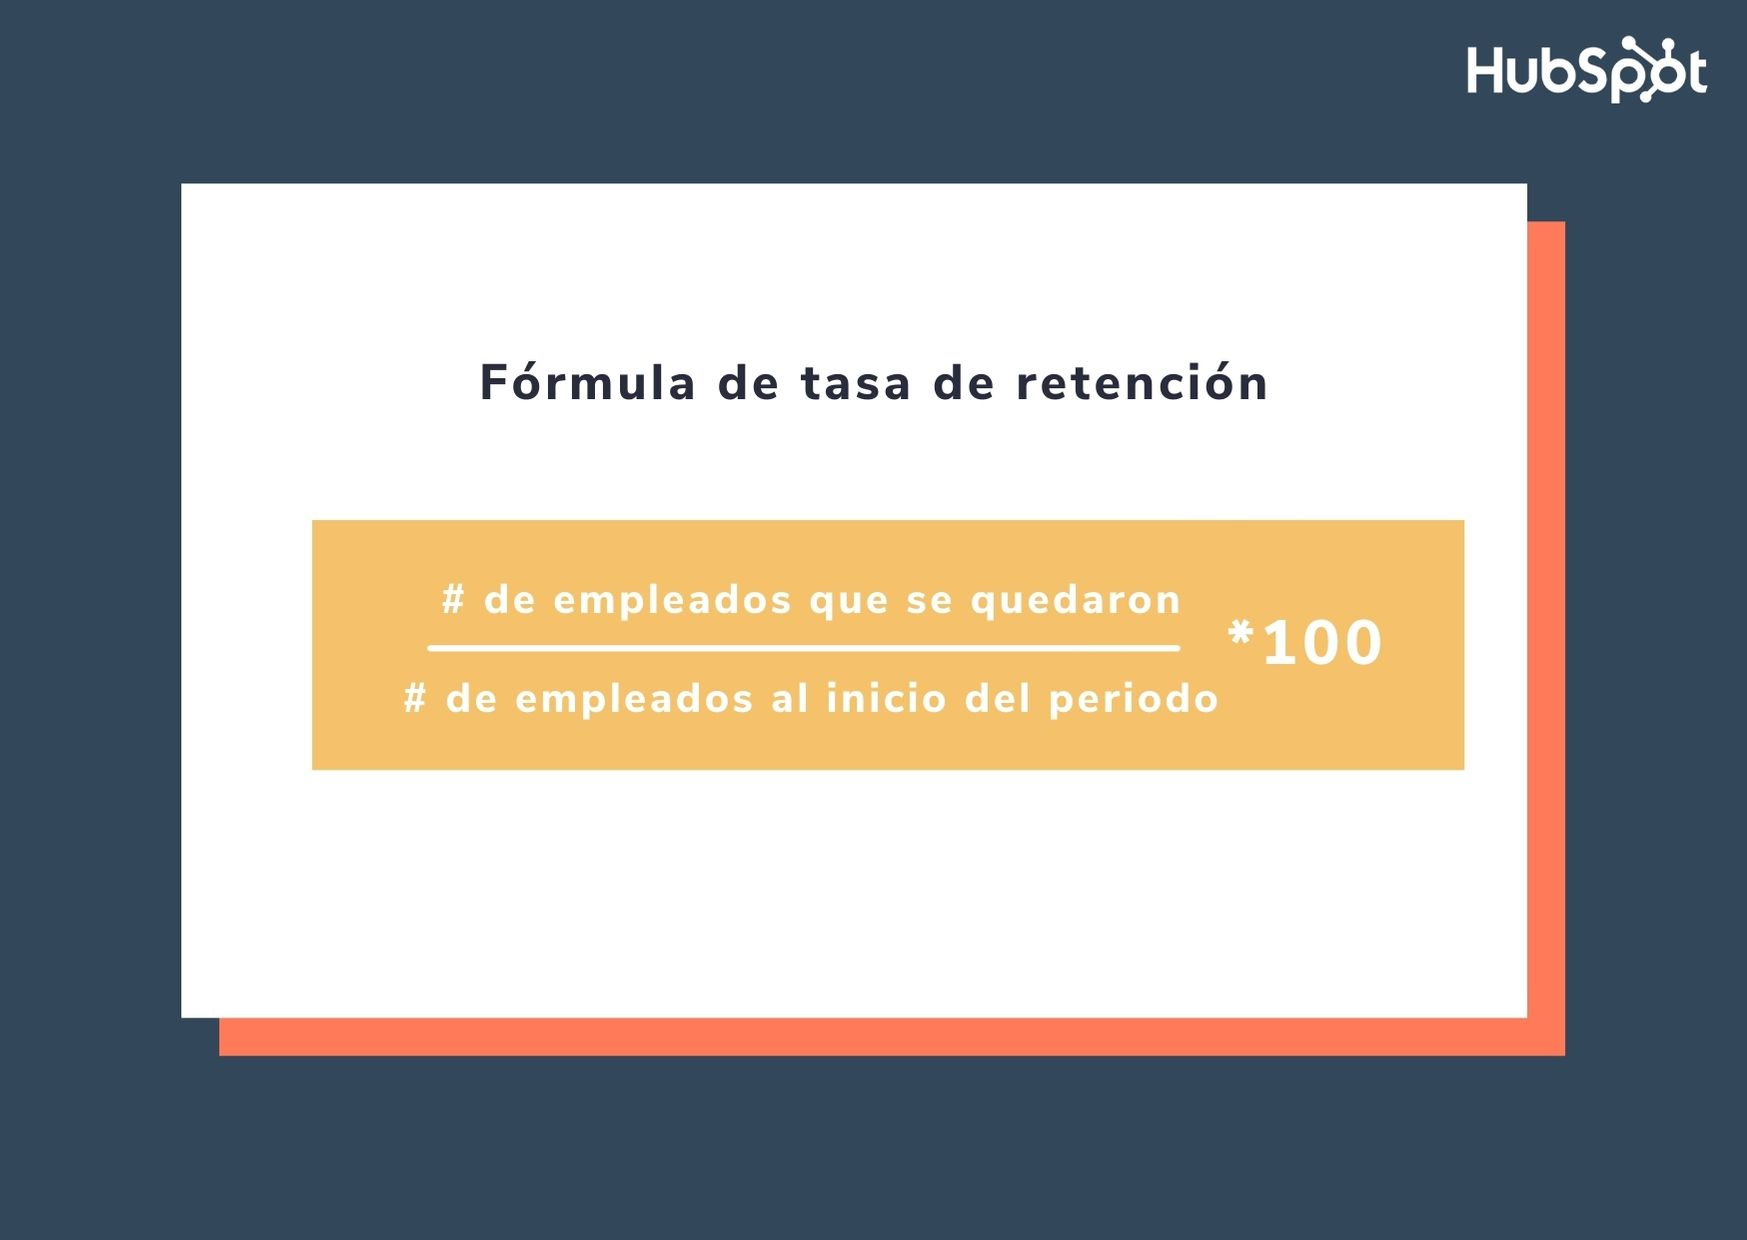 Fórmula de tasa de retención